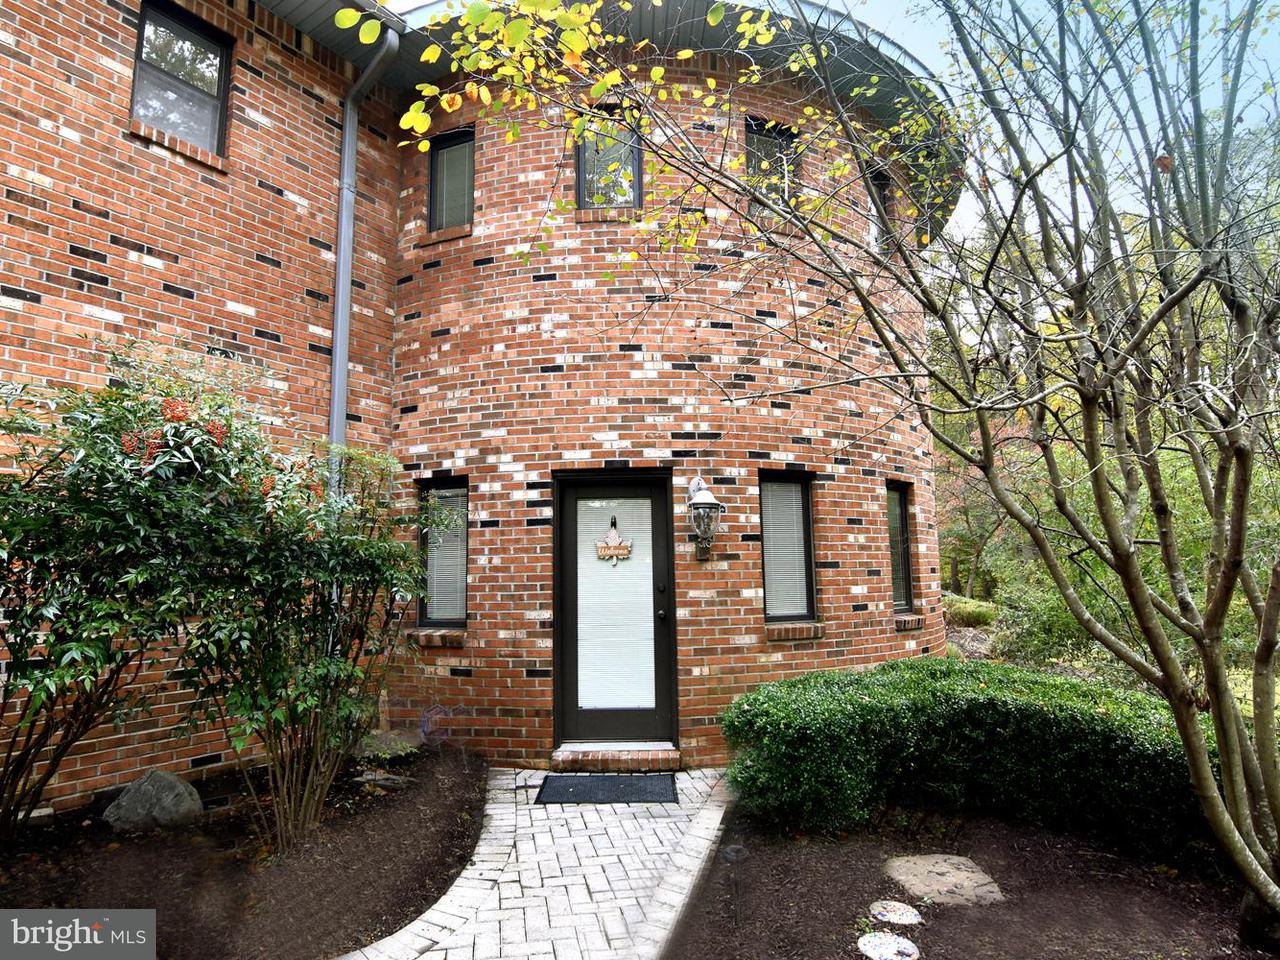 一戸建て のために 売買 アット 808 RICHARDSON Drive 808 RICHARDSON Drive Harwood, メリーランド 20776 アメリカ合衆国